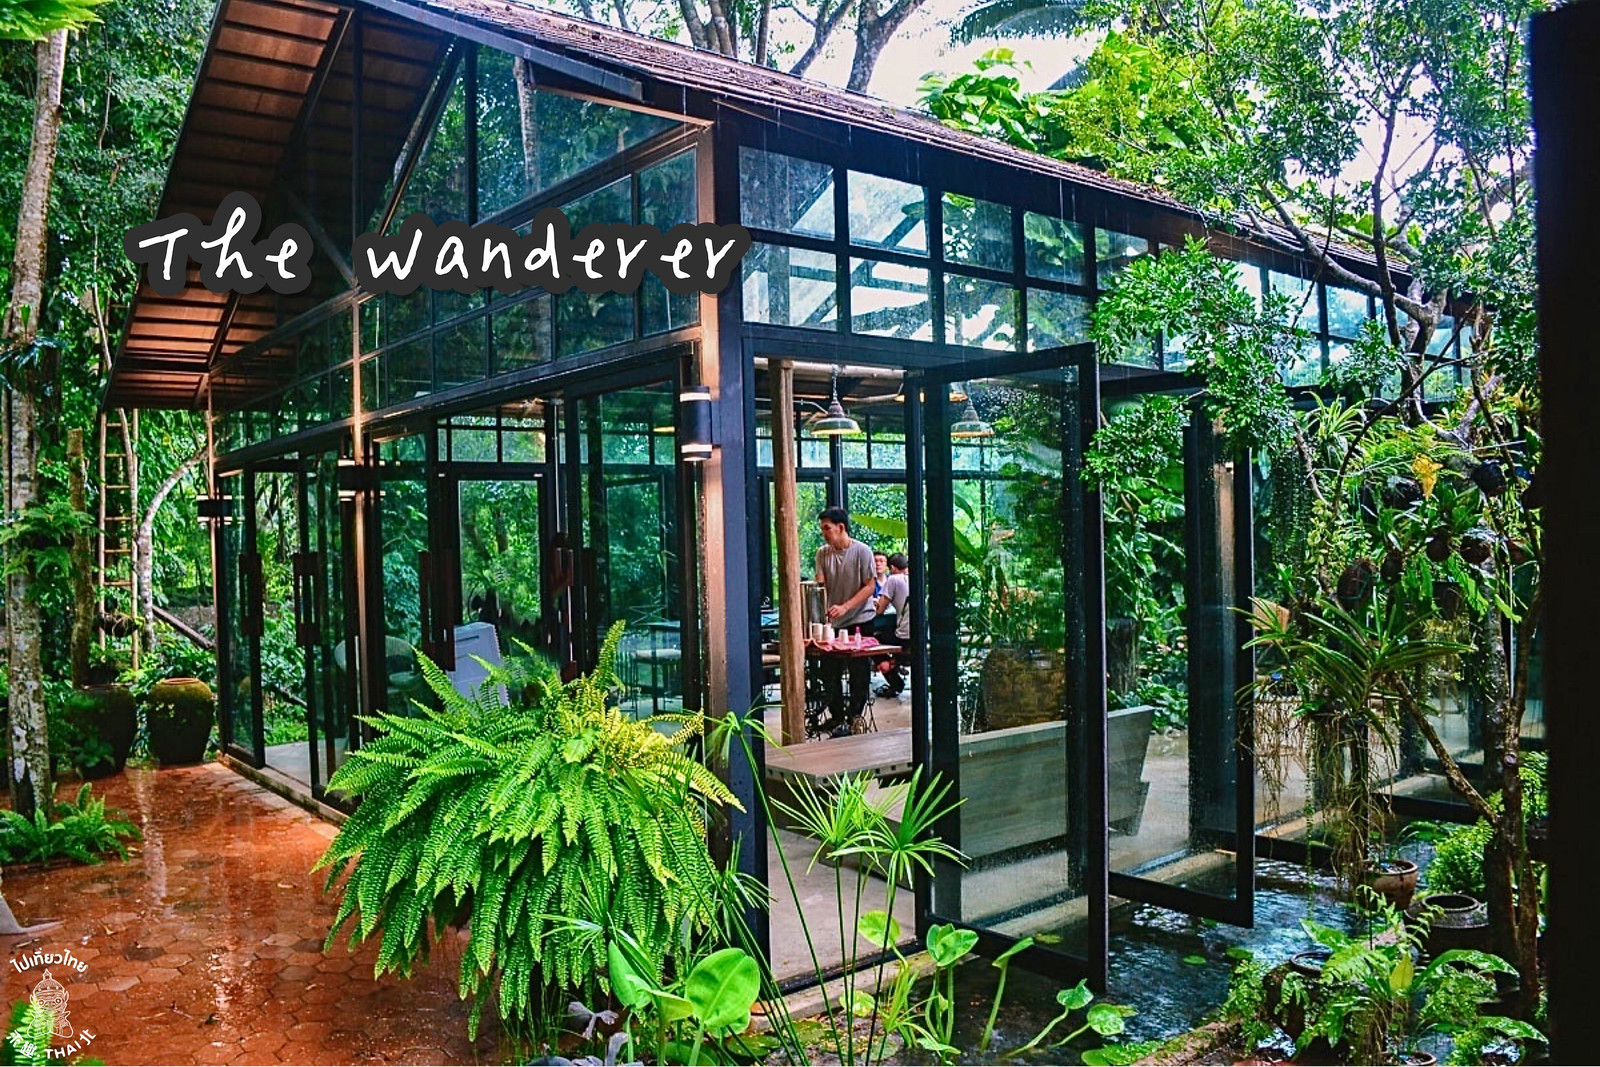 美學森林系咖啡廳-《The Wanderer》